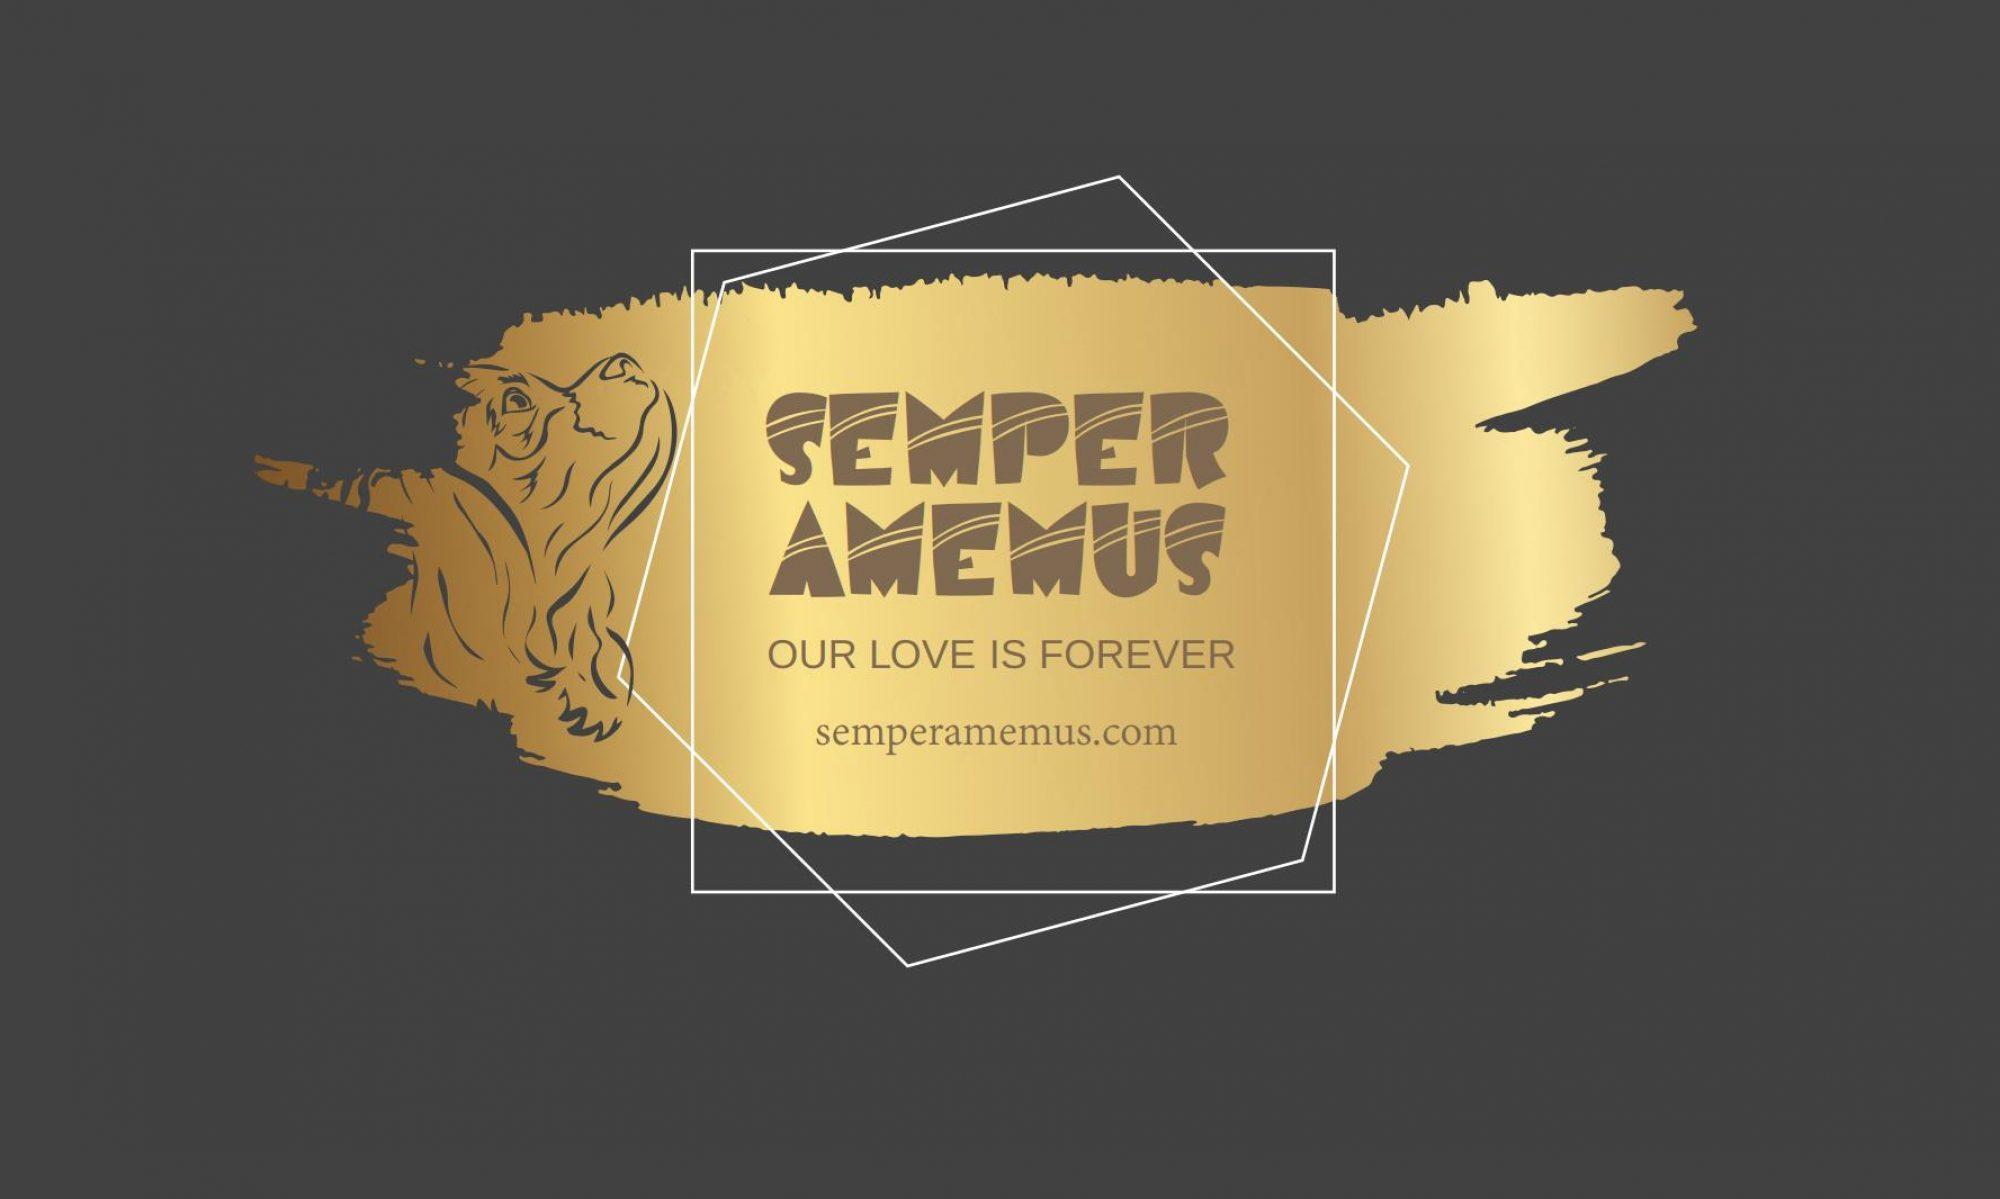 Semper Amemus